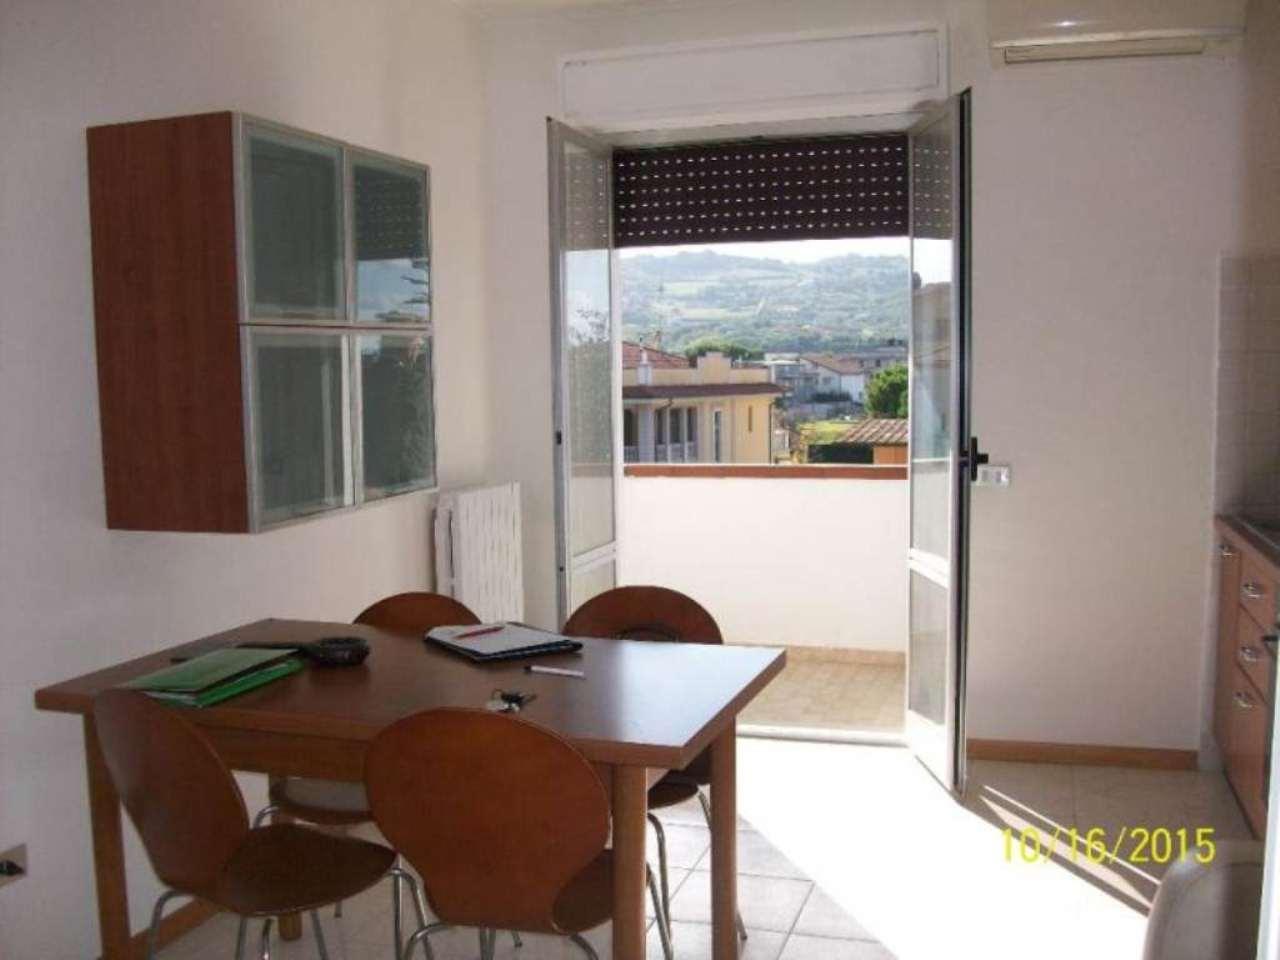 Bilocale Martinsicuro Via Vezzola 3